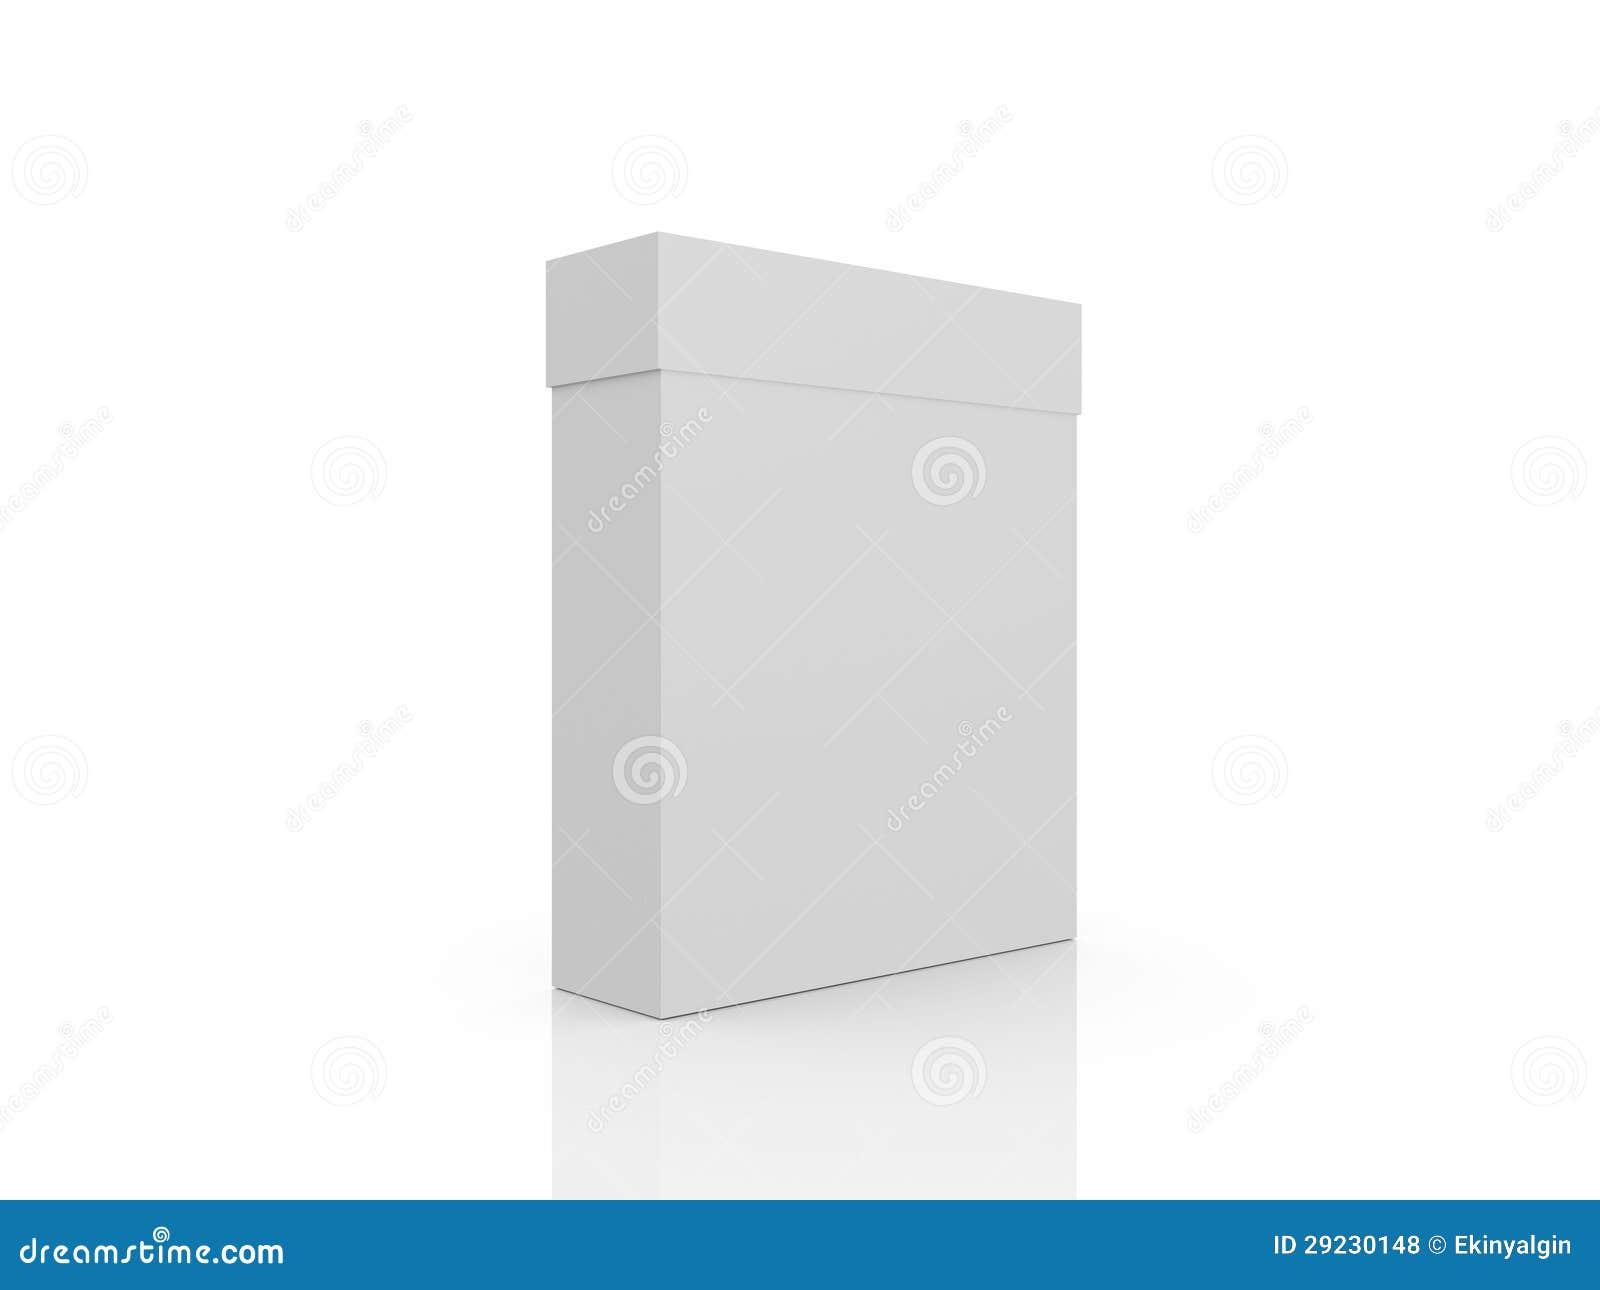 Download Caixa branca fechado ilustração stock. Ilustração de presente - 29230148